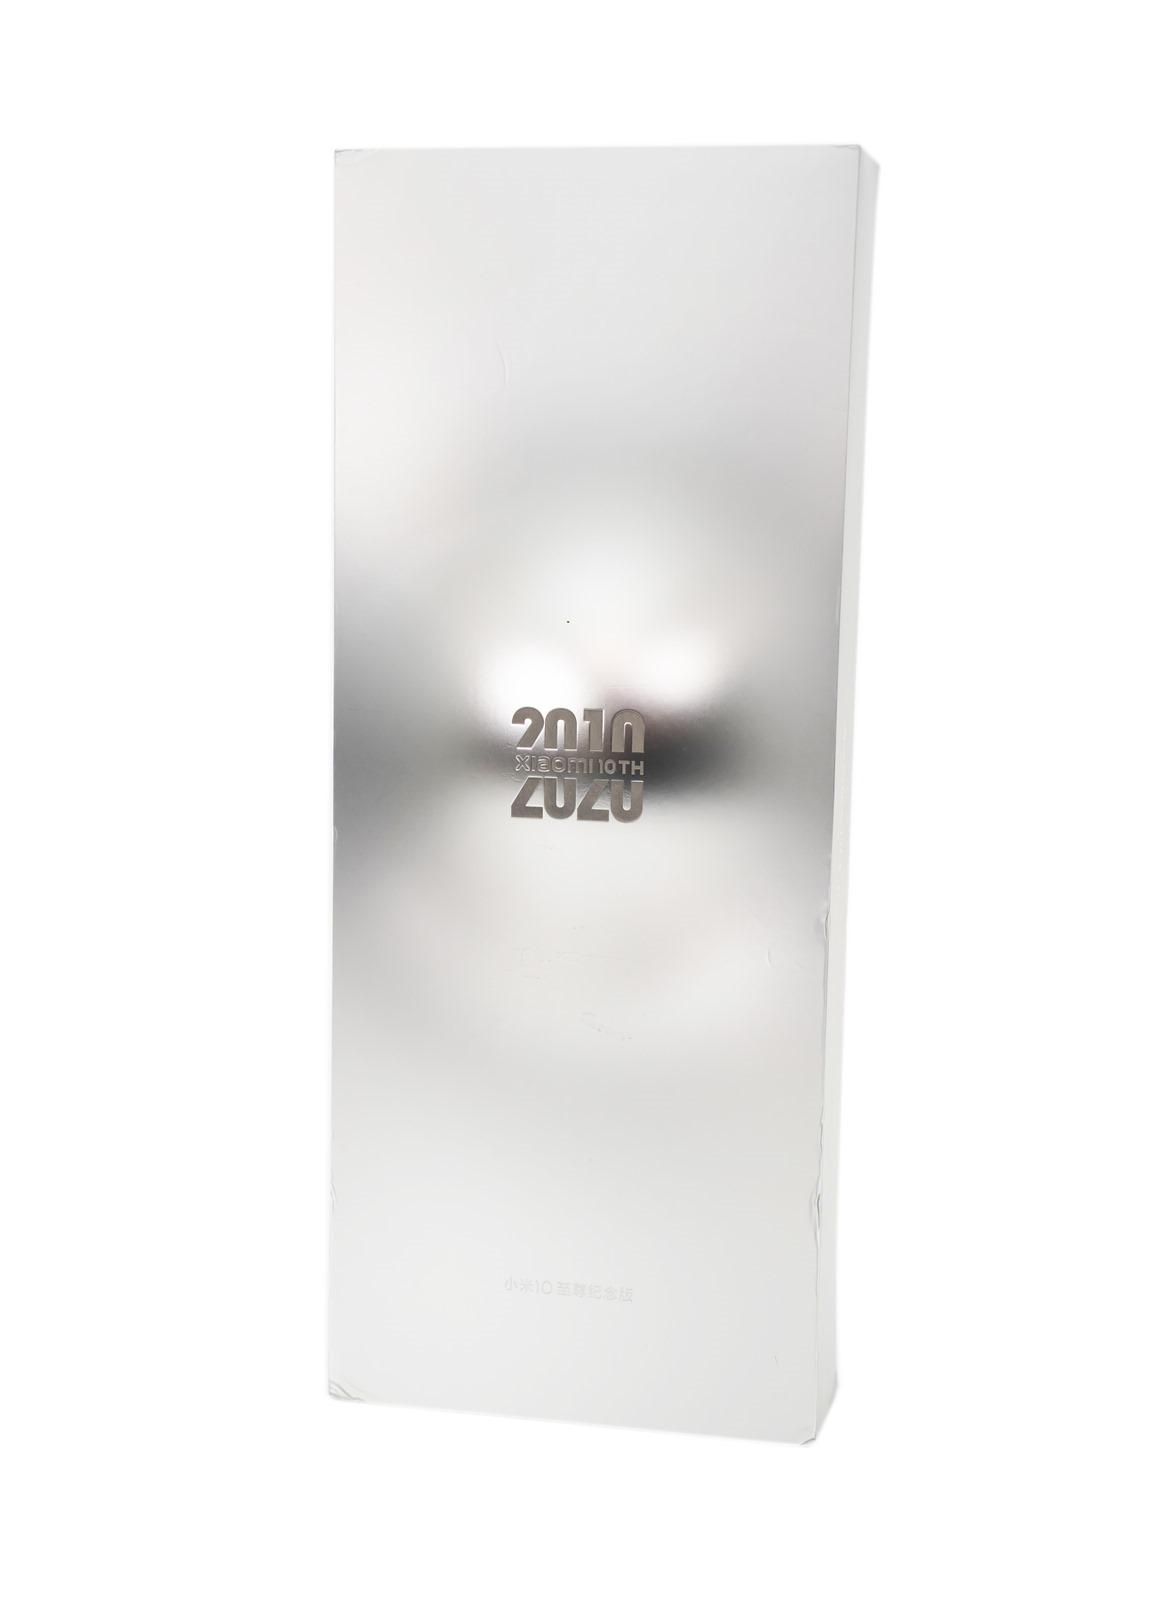 120W 充電有夠厲害!小米 10 至尊紀念版 性能/電力/充電實測 @3C 達人廖阿輝